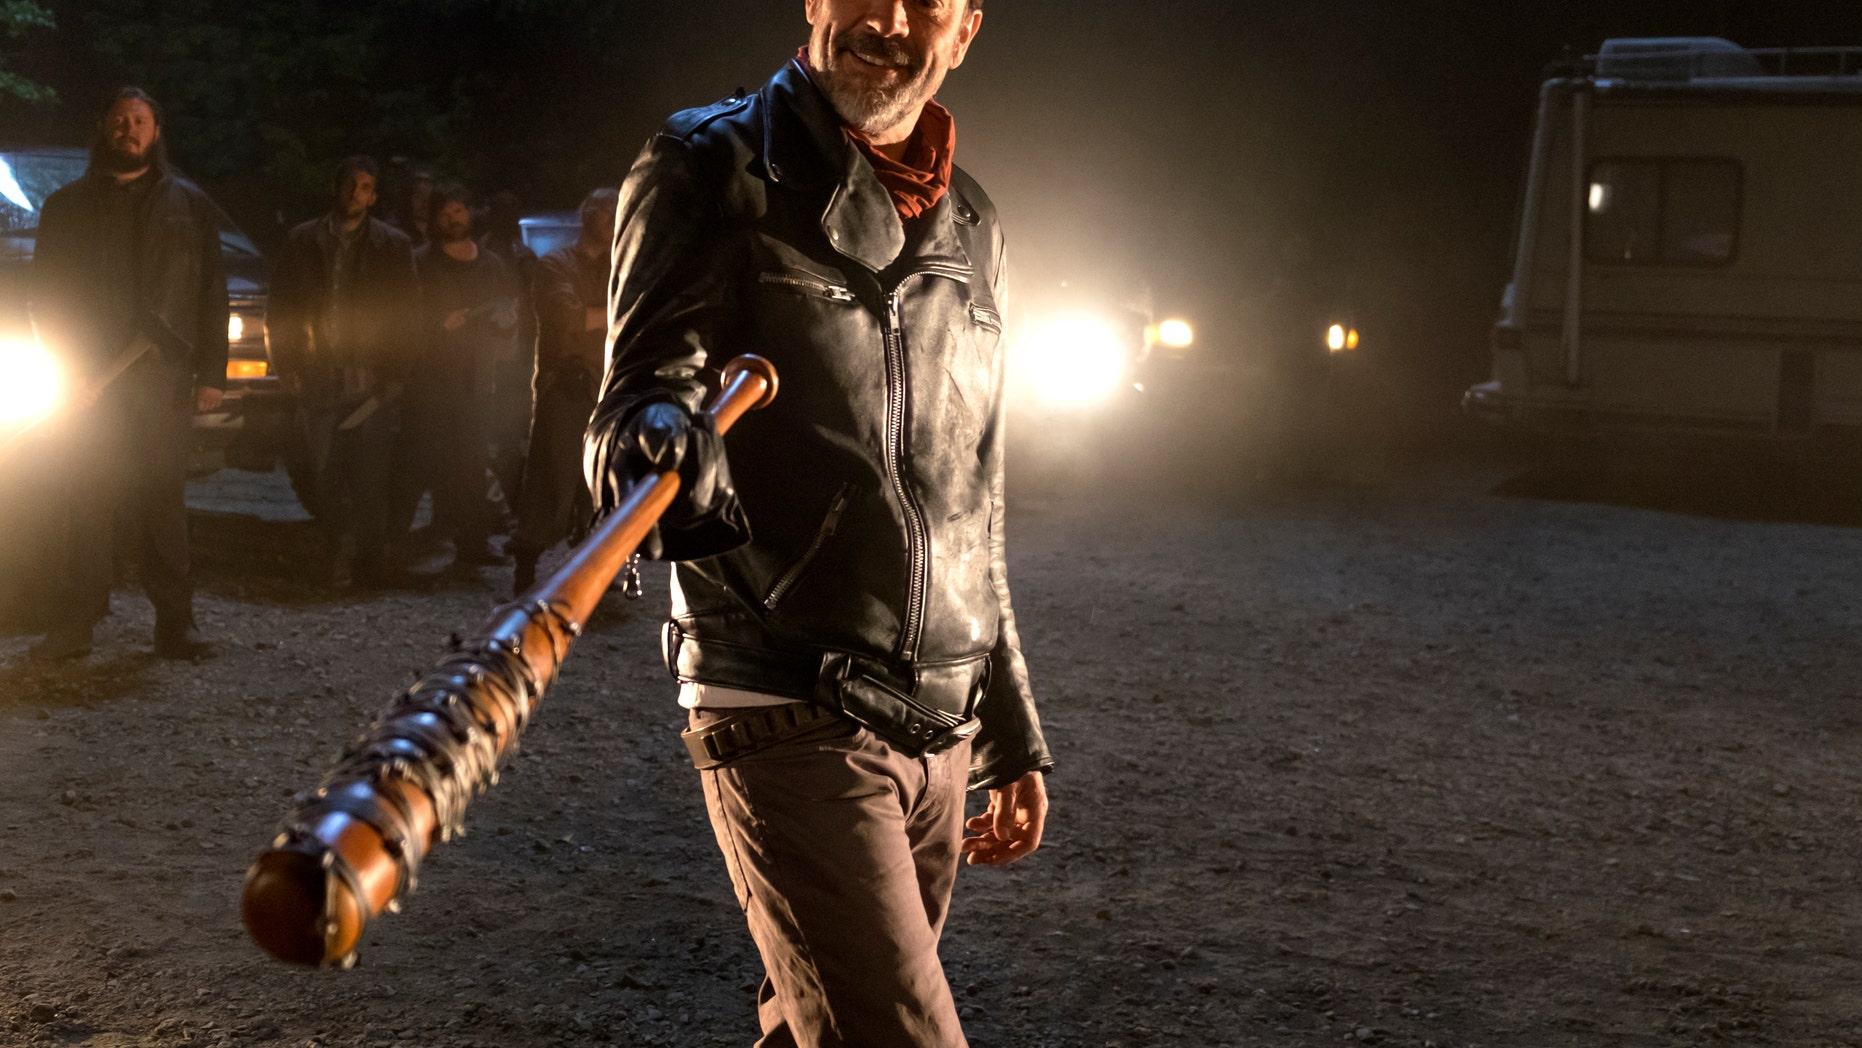 'The Walking Dead' showrunner promises an 'epic' finale for season 7